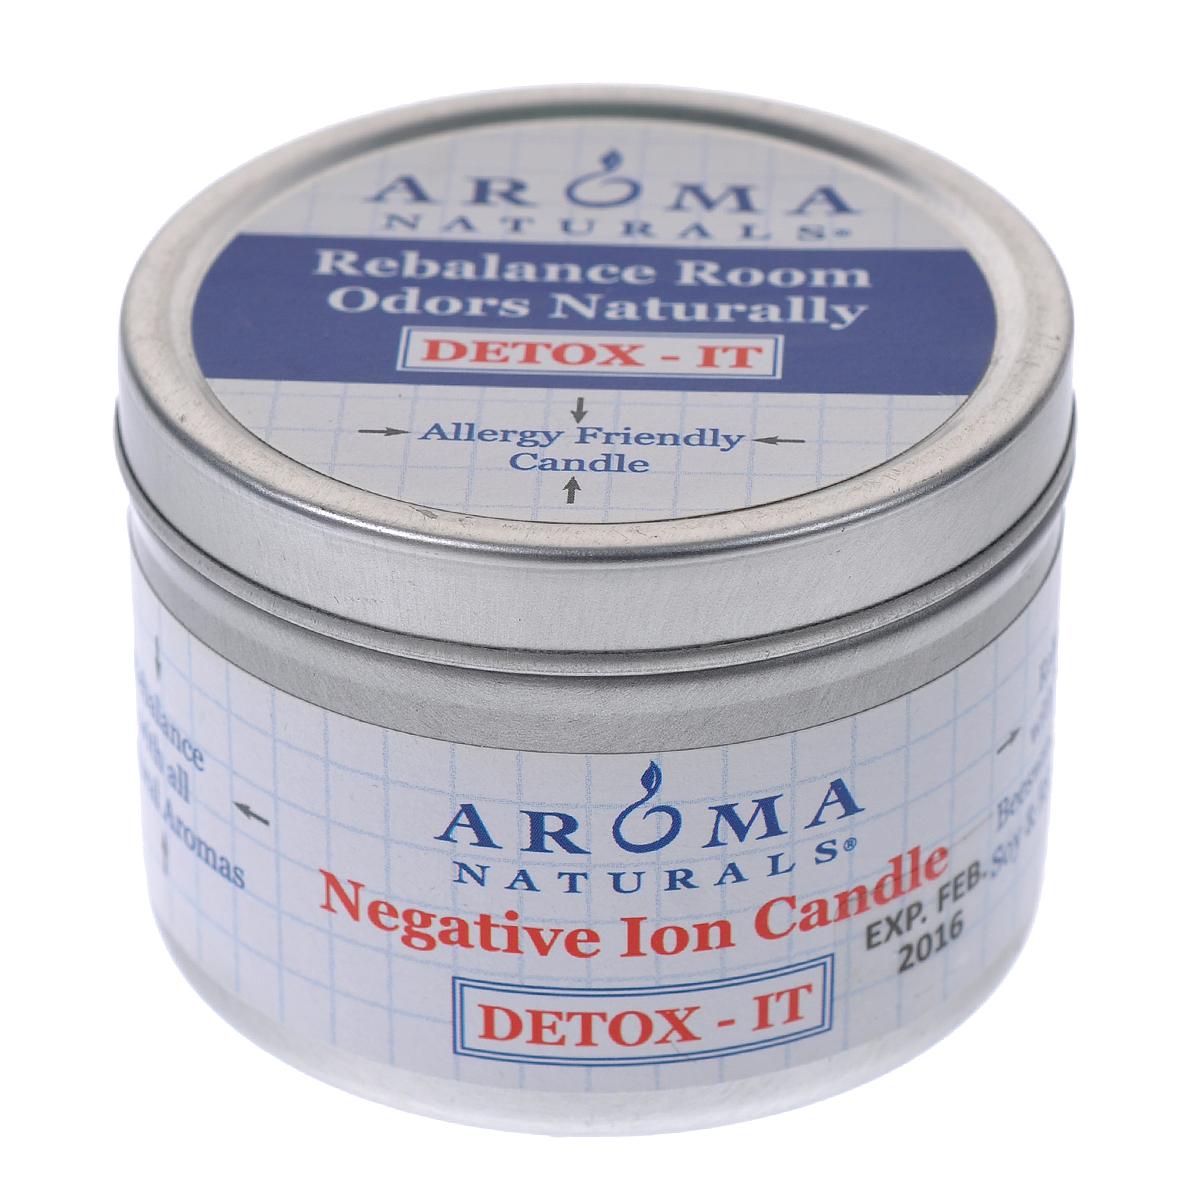 Aroma Naturals Соевая свеча Детокс, 80 гAR23501Свеча Aroma Naturals Детокс с эфирными ароматами розмарина и чайного дерева имея в своем составе только исключительные натуральные компоненты очищает от неприятных запахов и обеспечивают свежесть воздуха в помещениях. Время горения составляет 15 часов. Характеристики: Состав: пчелиный воск, лайм, органические масла: орегано, мята, масло чайного дерева, свежий базилик, лаванда, эвкалипт, розмарин и тимьян. Вес: 80 г. Размер упаковки: 6 см х 6 см х 4,5 см. Производитель: США. Товар сертифицирован.